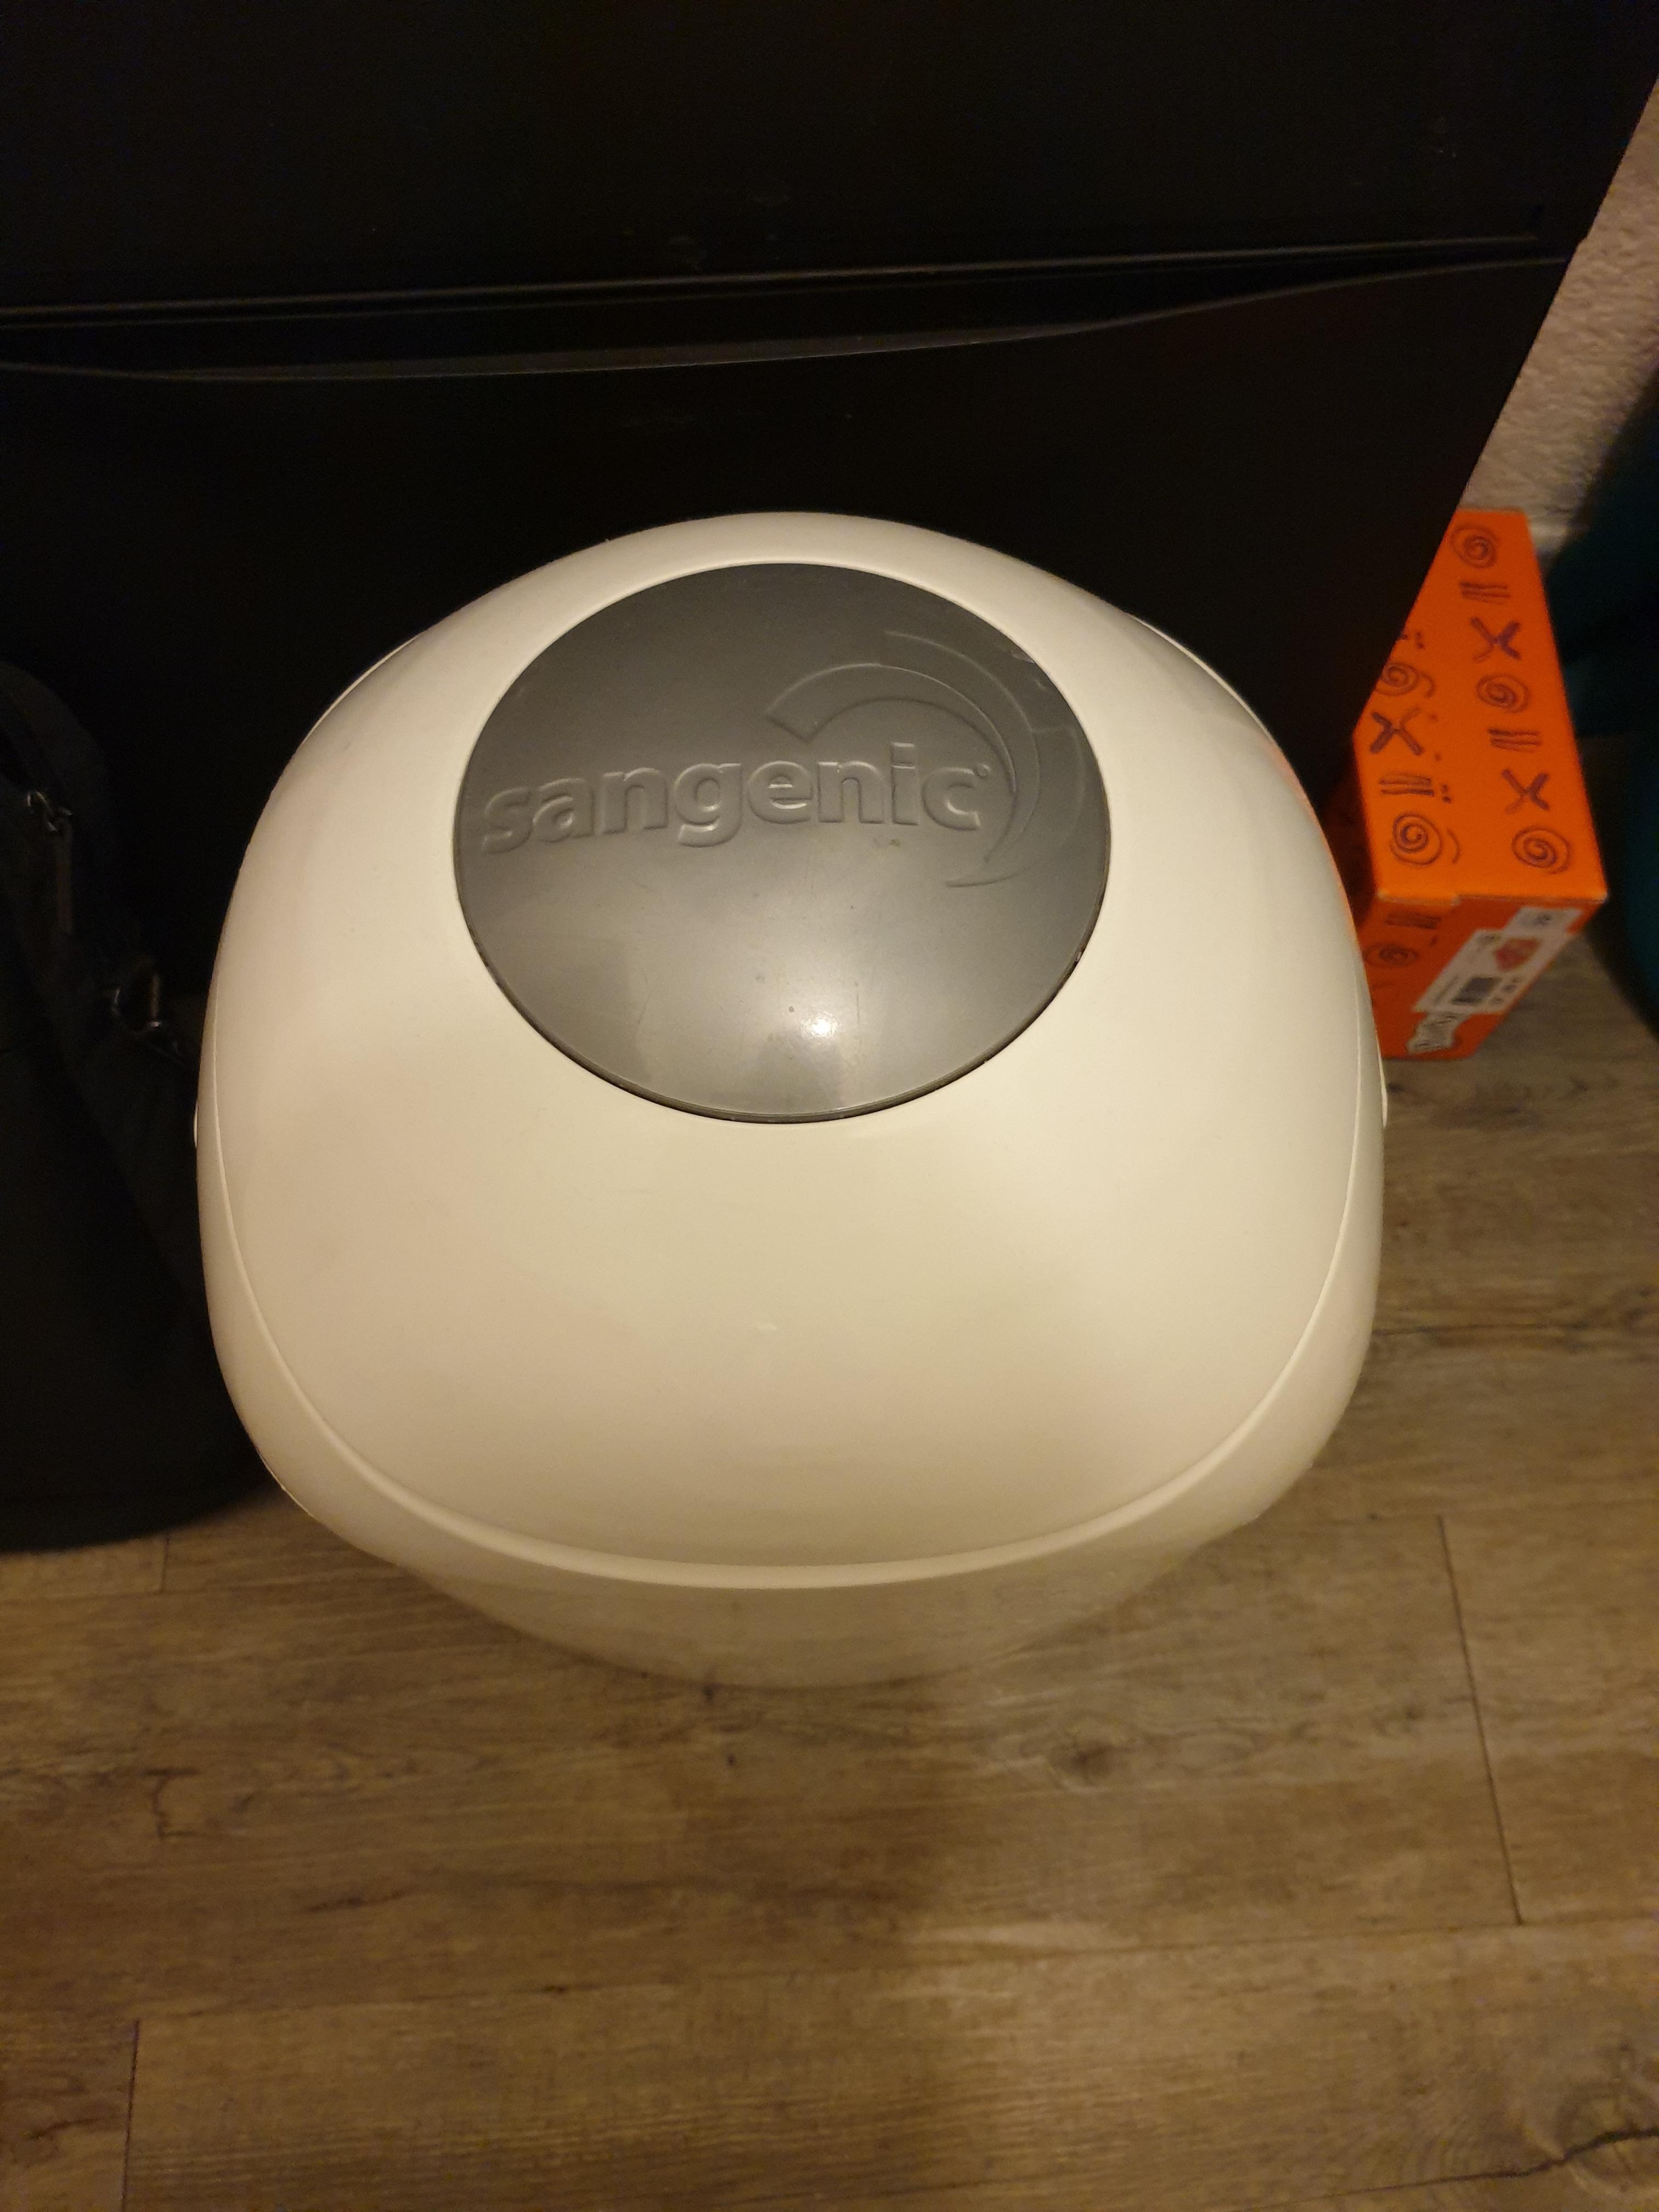 troc de troc poubelle anti odeur image 0